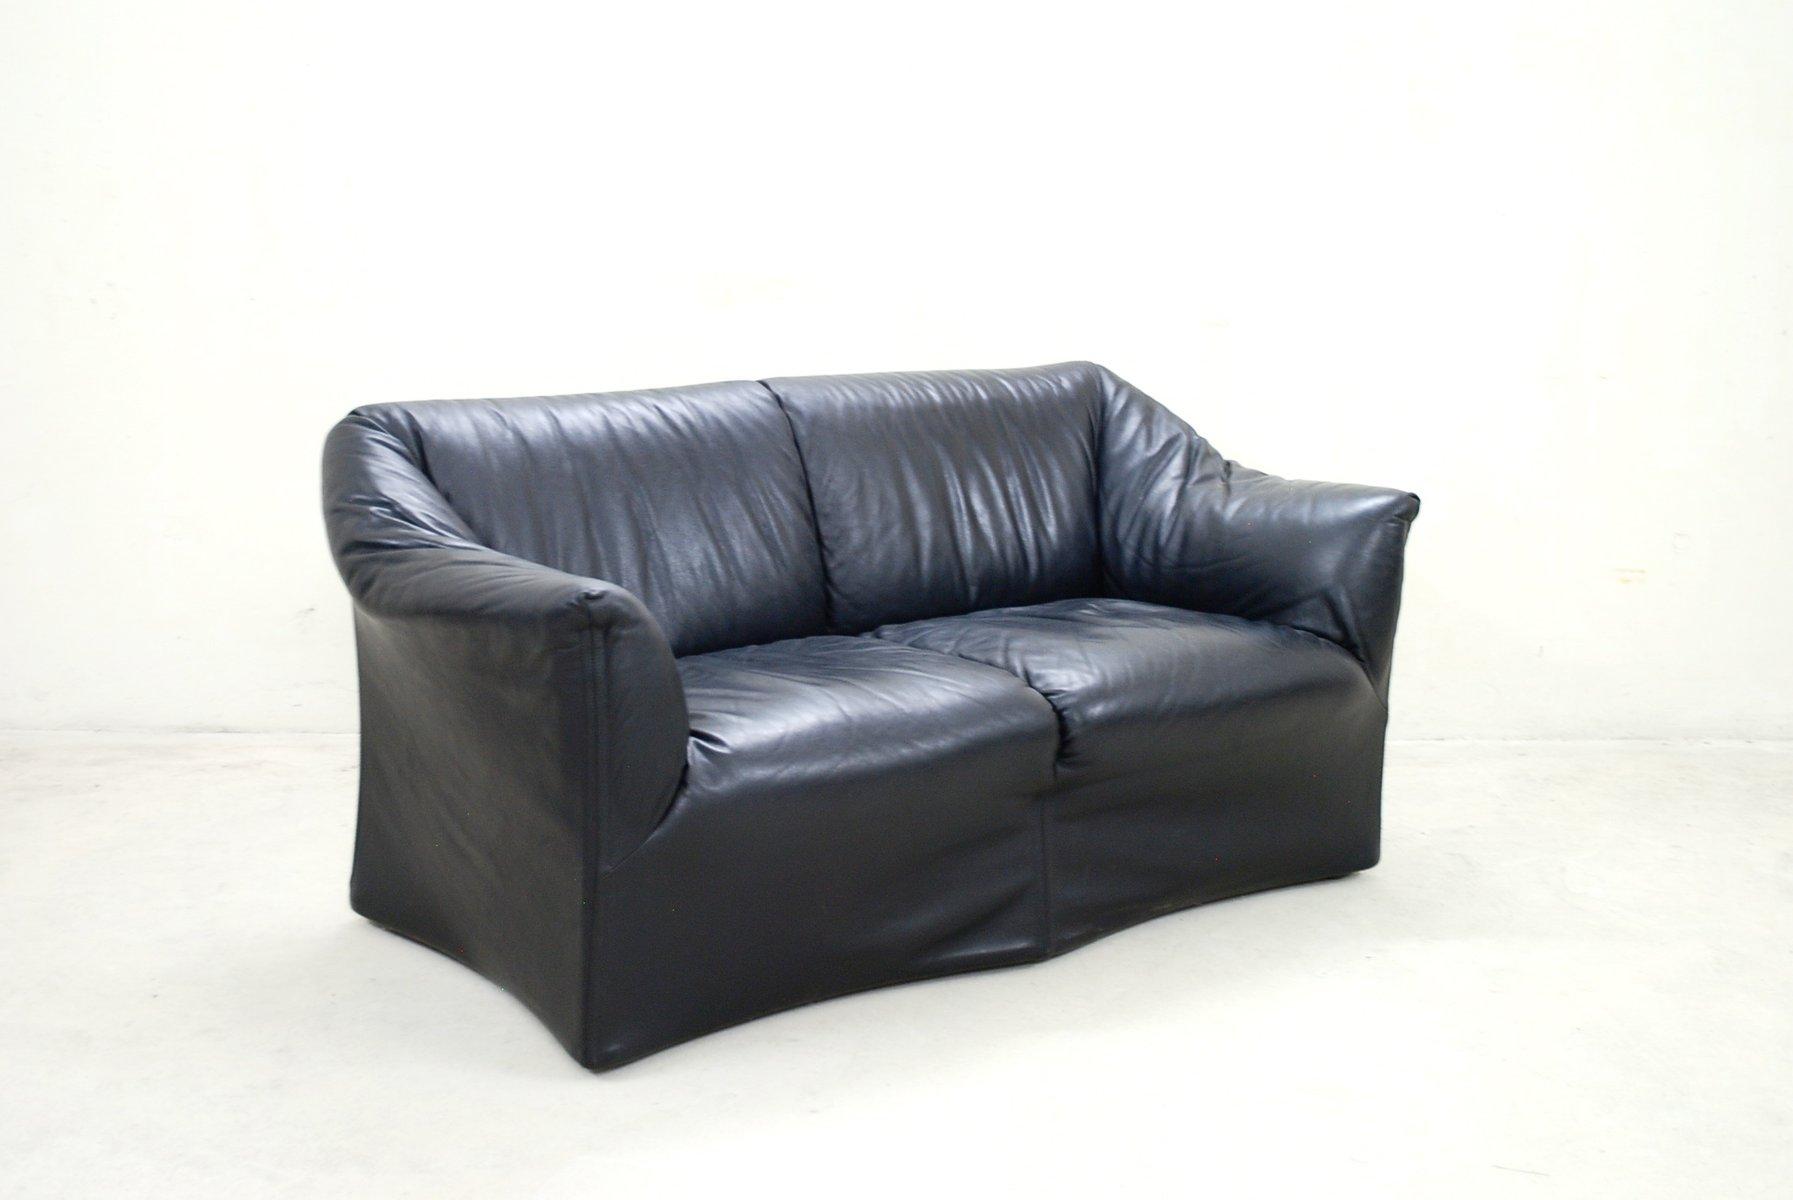 modell tentazione ledersofa von mario bellini for cassina 1973 bei pamono kaufen. Black Bedroom Furniture Sets. Home Design Ideas